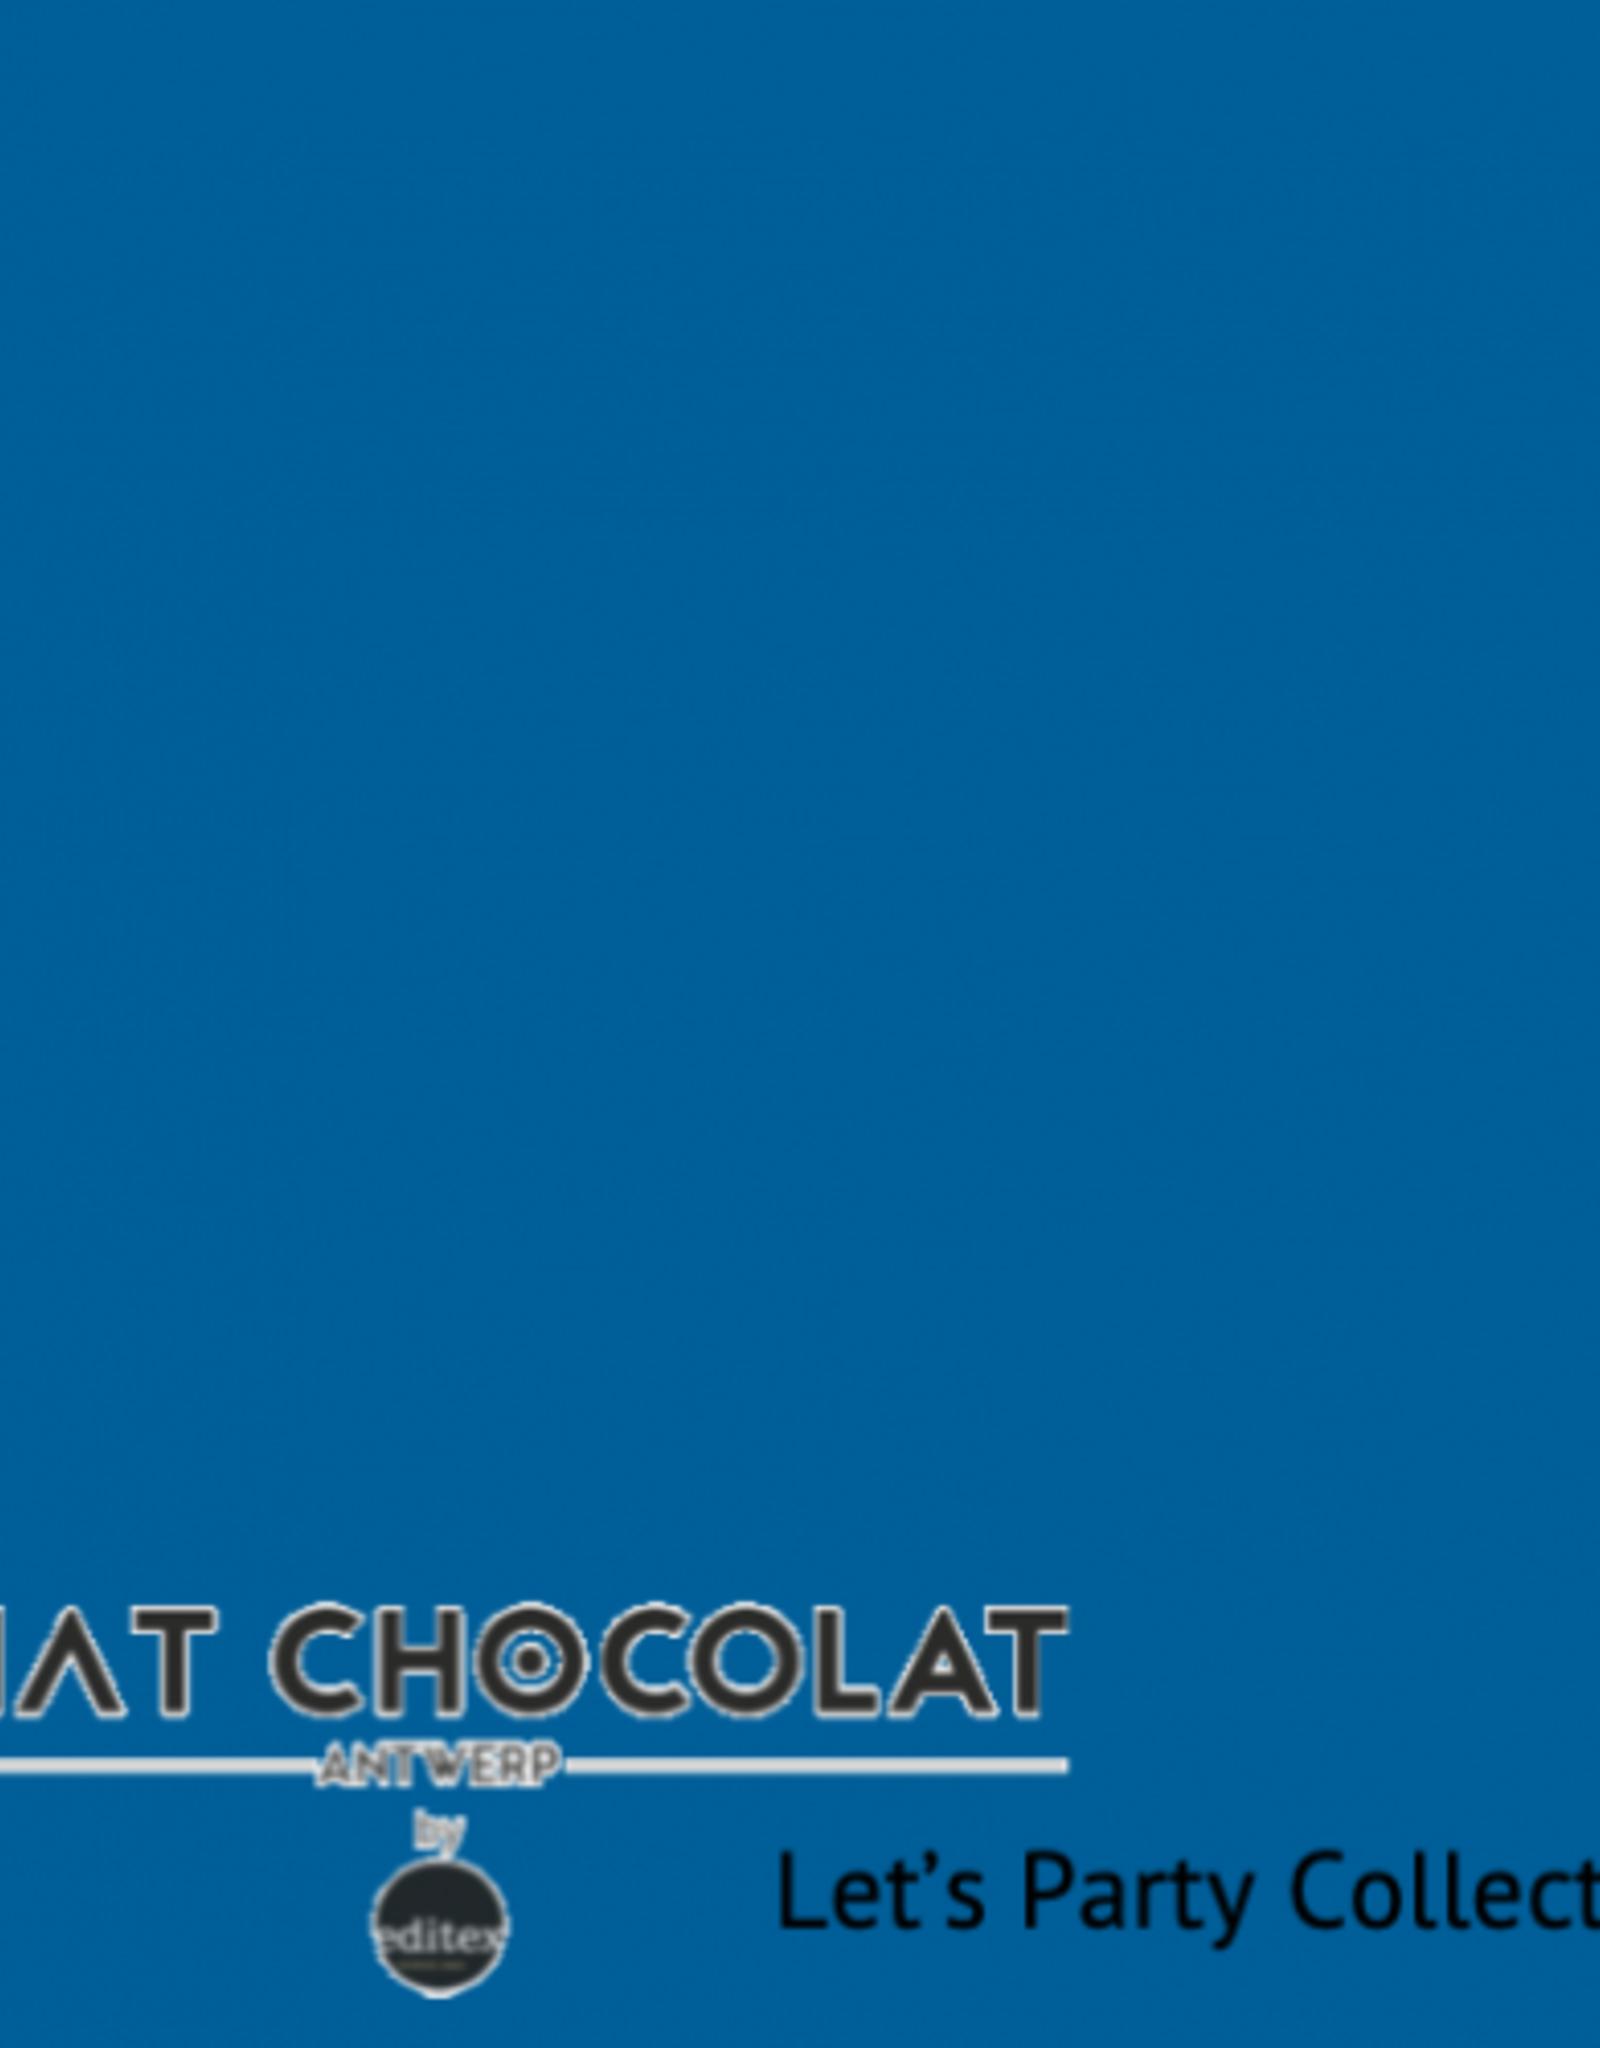 Chat Chocolat Uni viscose let's party blue